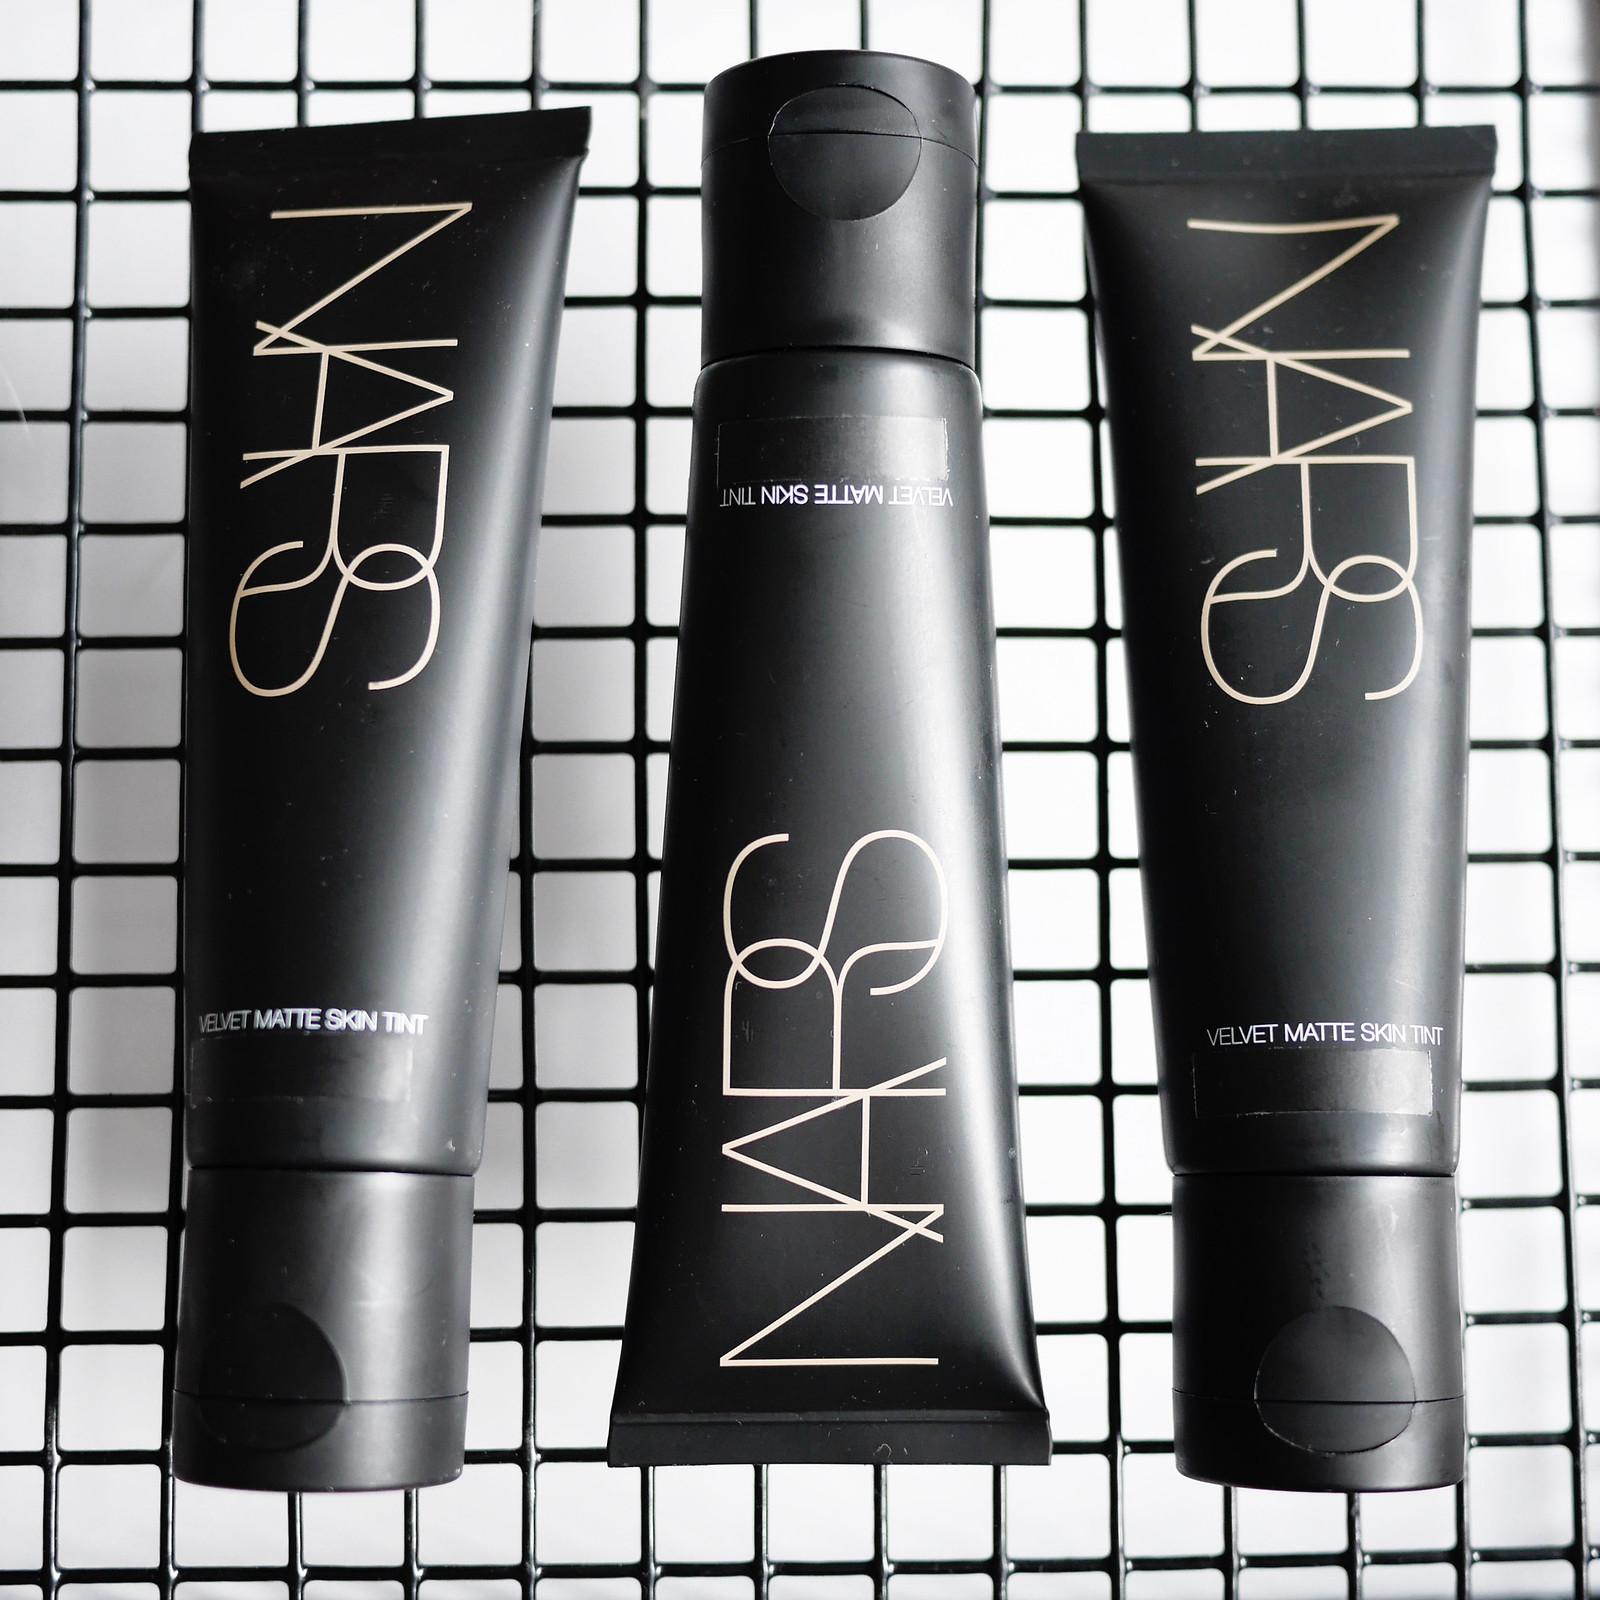 NARS-Velvet-Matte-Skin-Tint-7